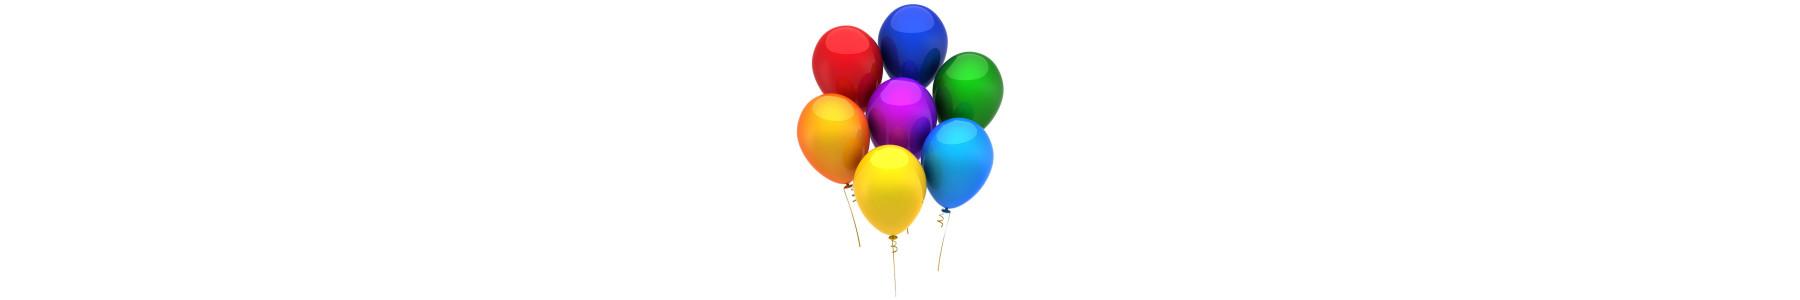 Baloane rotunde